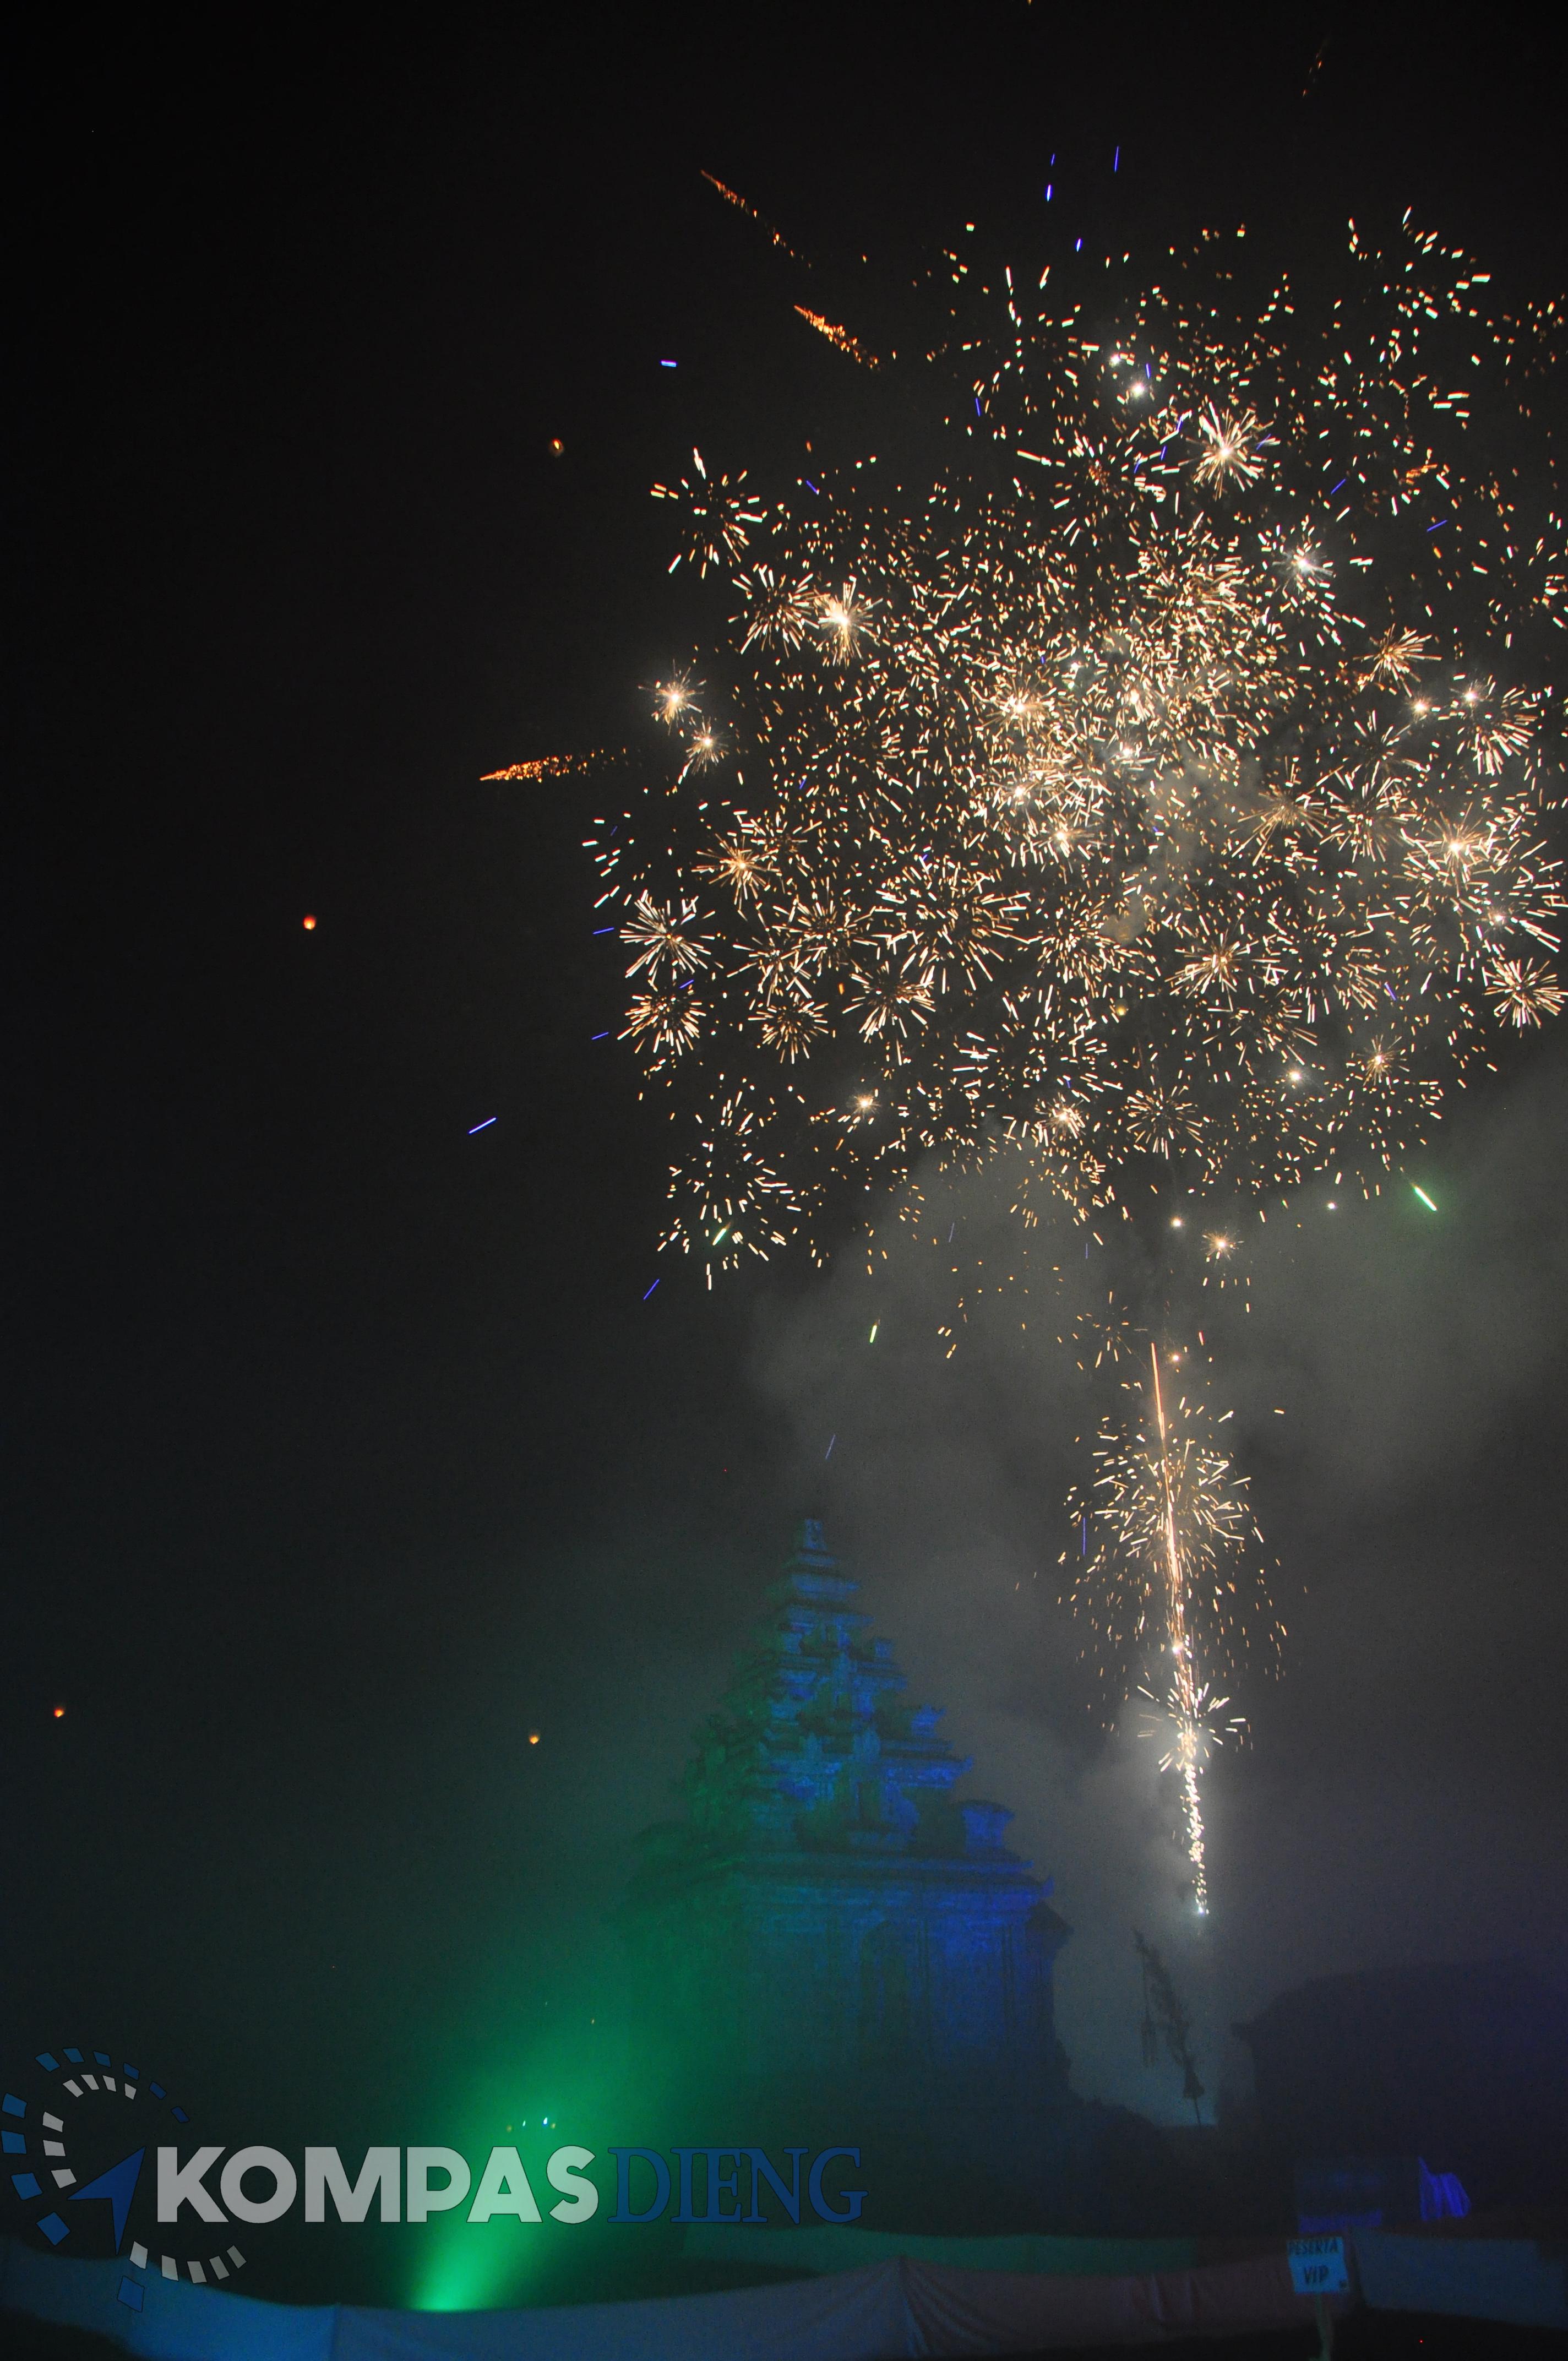 Spesial Paket Wisata Dieng Liburan Natal Dan Tahun Baru 7 Hari 7